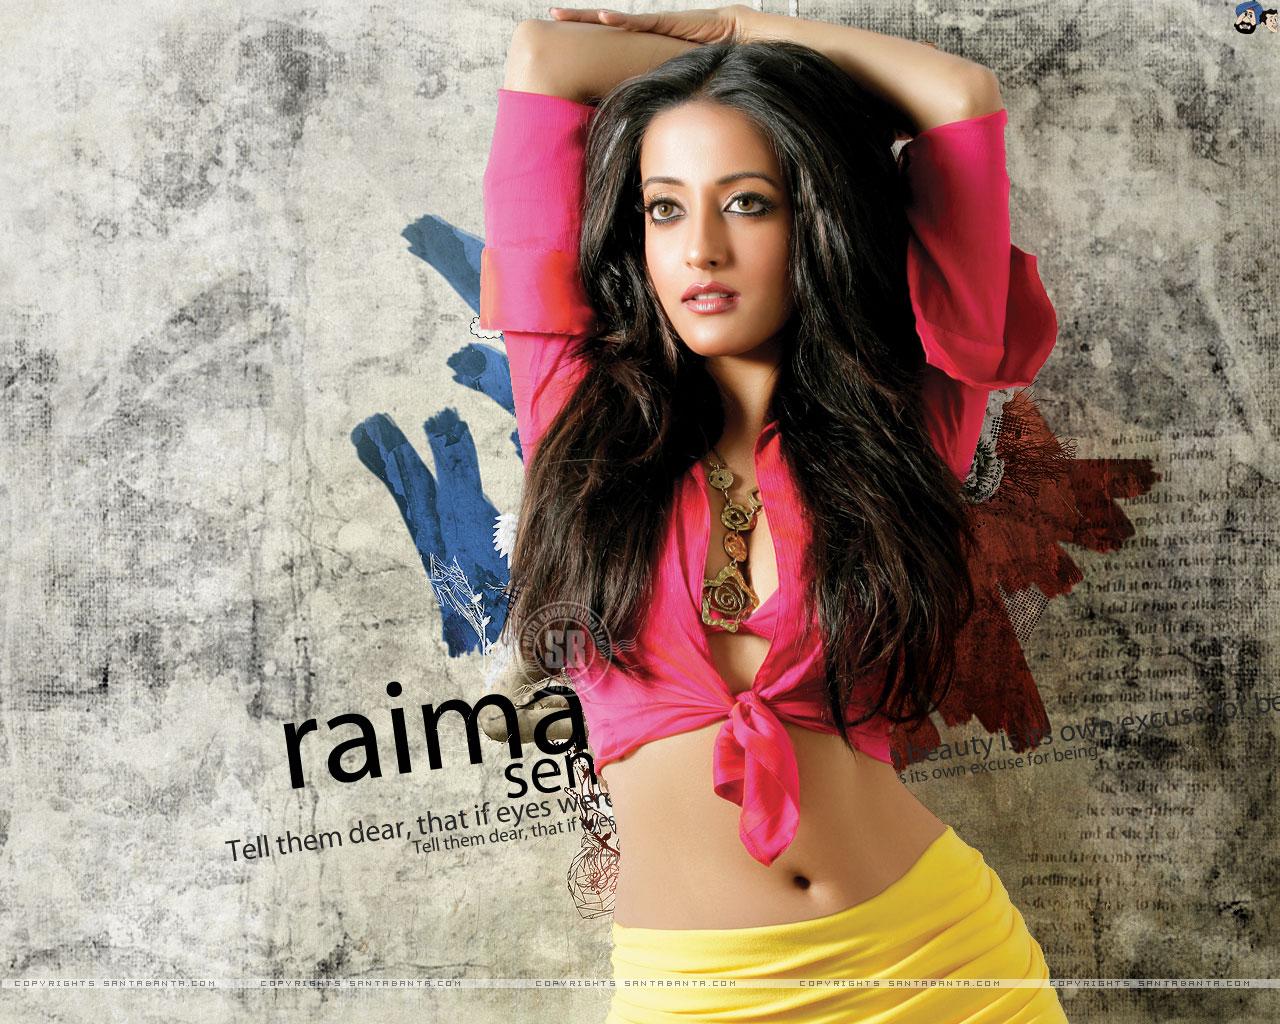 bengali actress raima sen sexy hot navel boobs cleavage exposing photos wallpapers